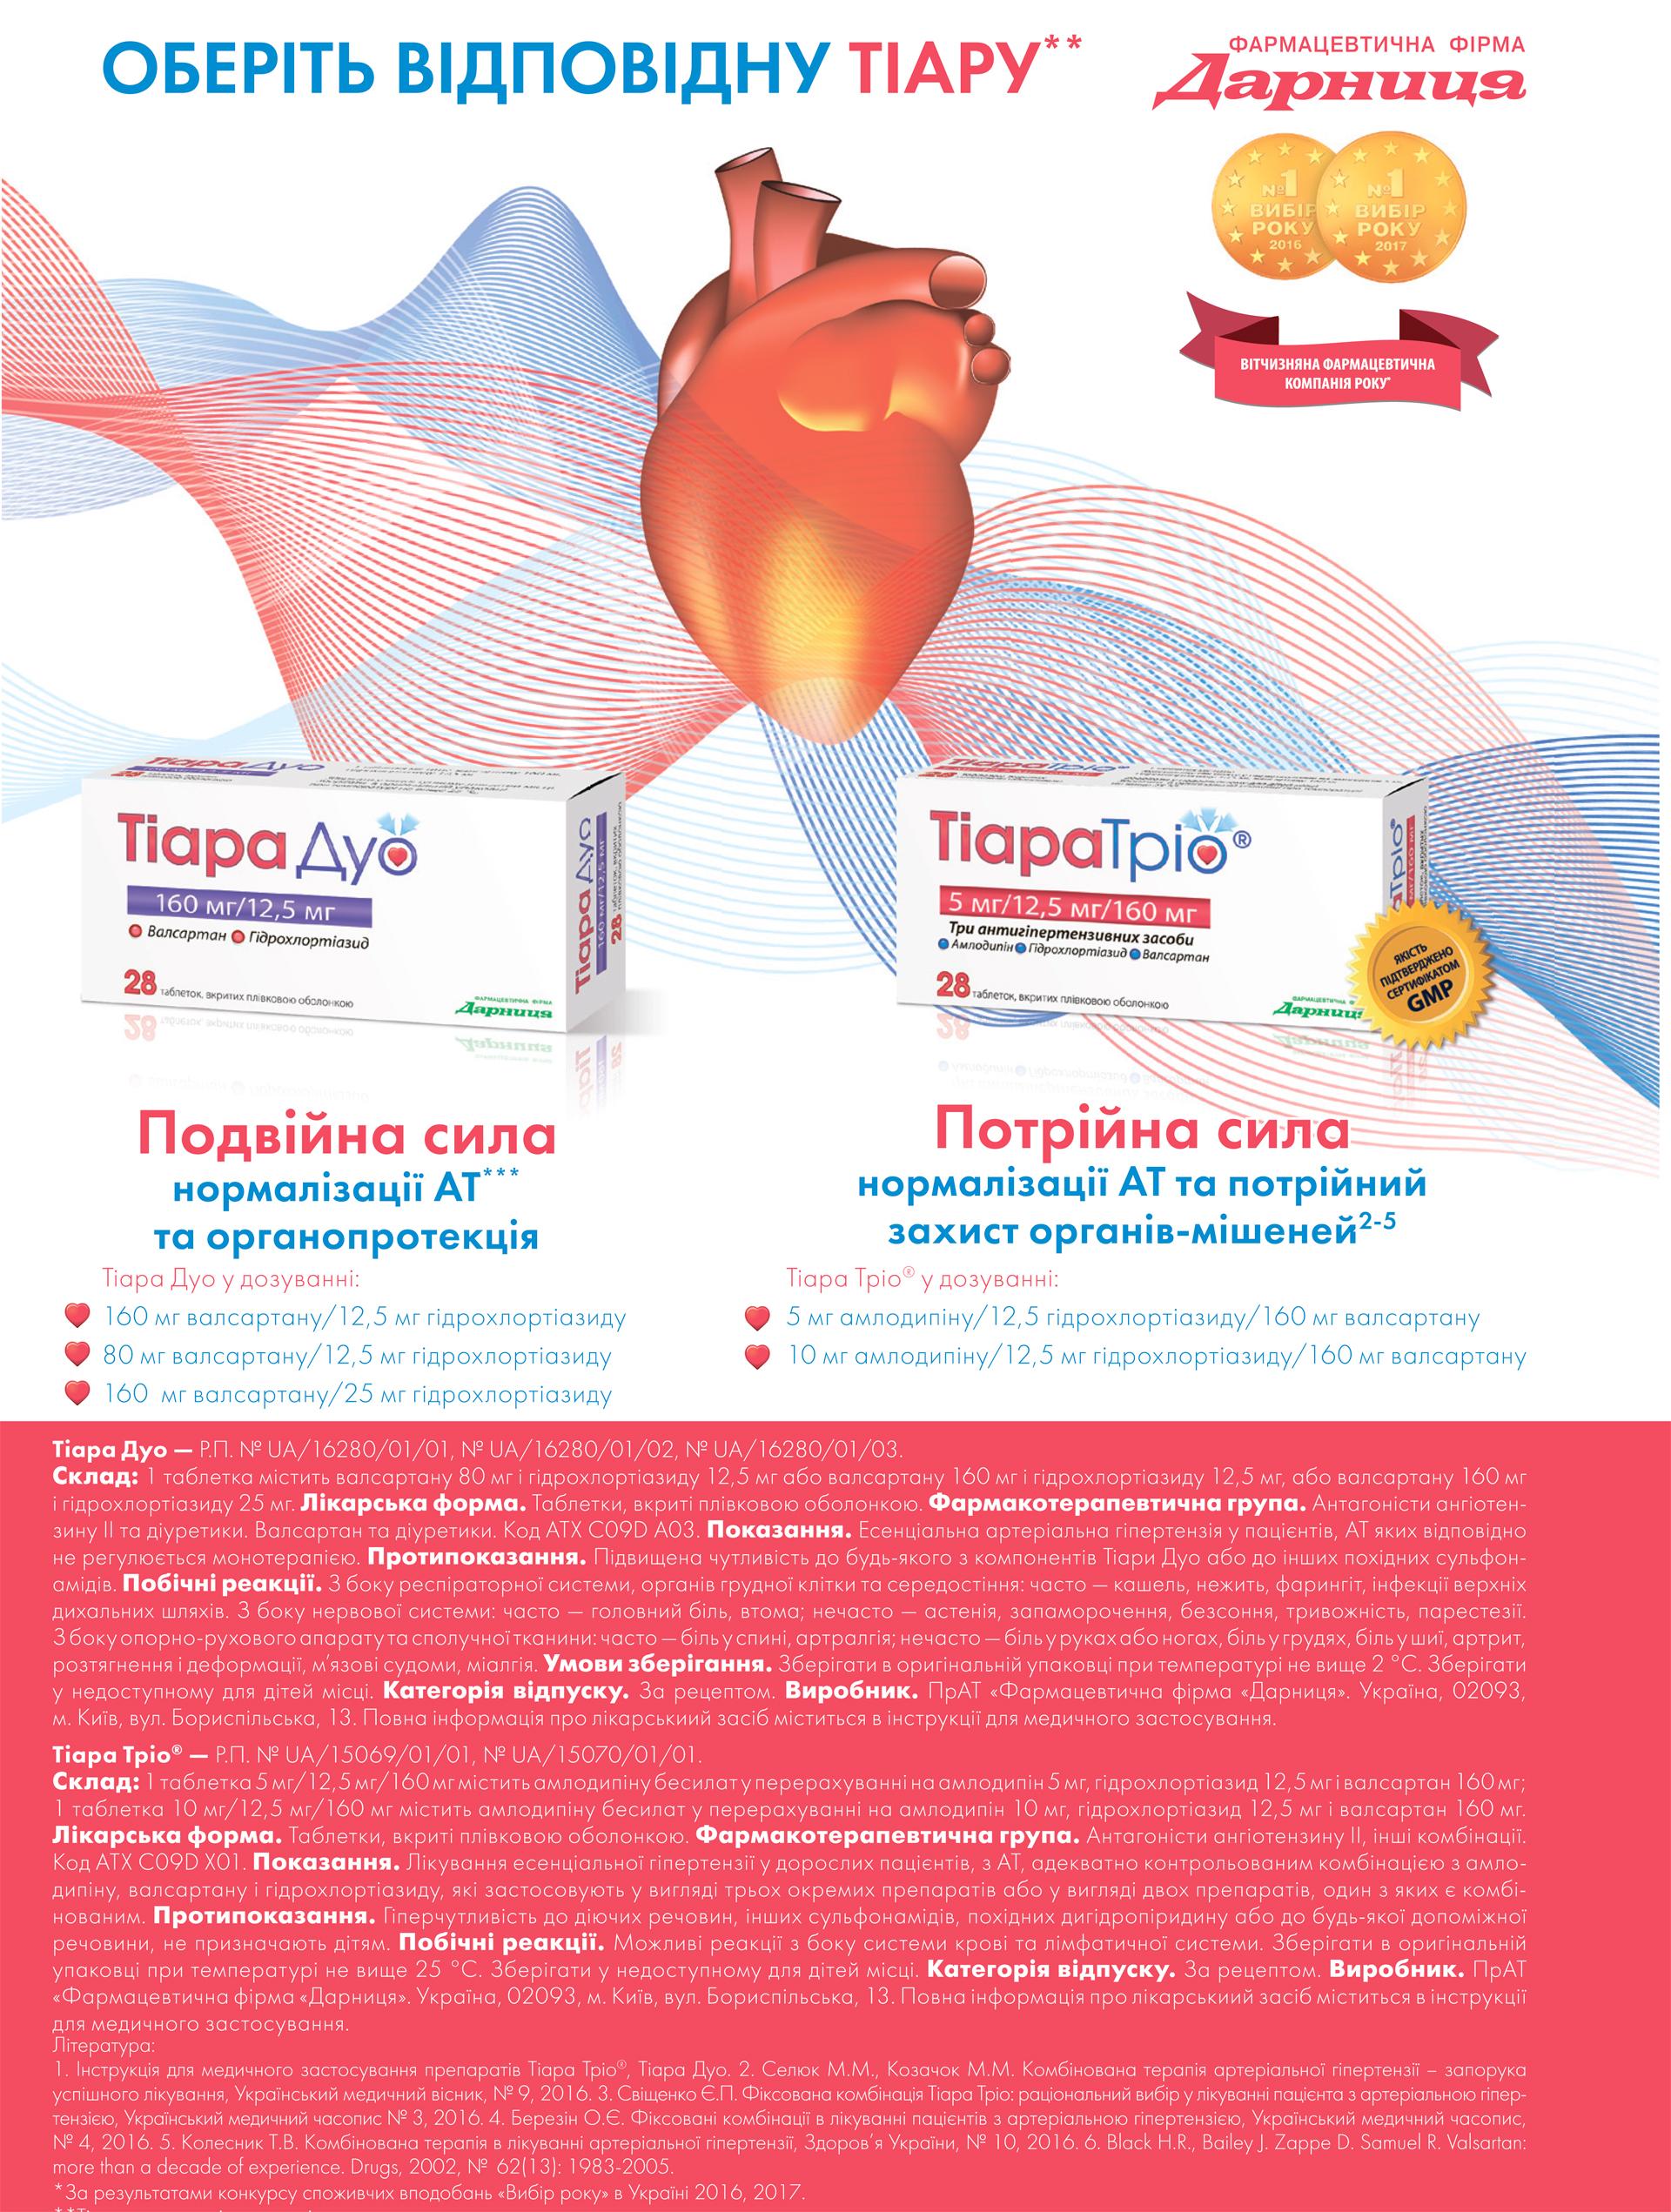 sredstvo za hipertenziju giht